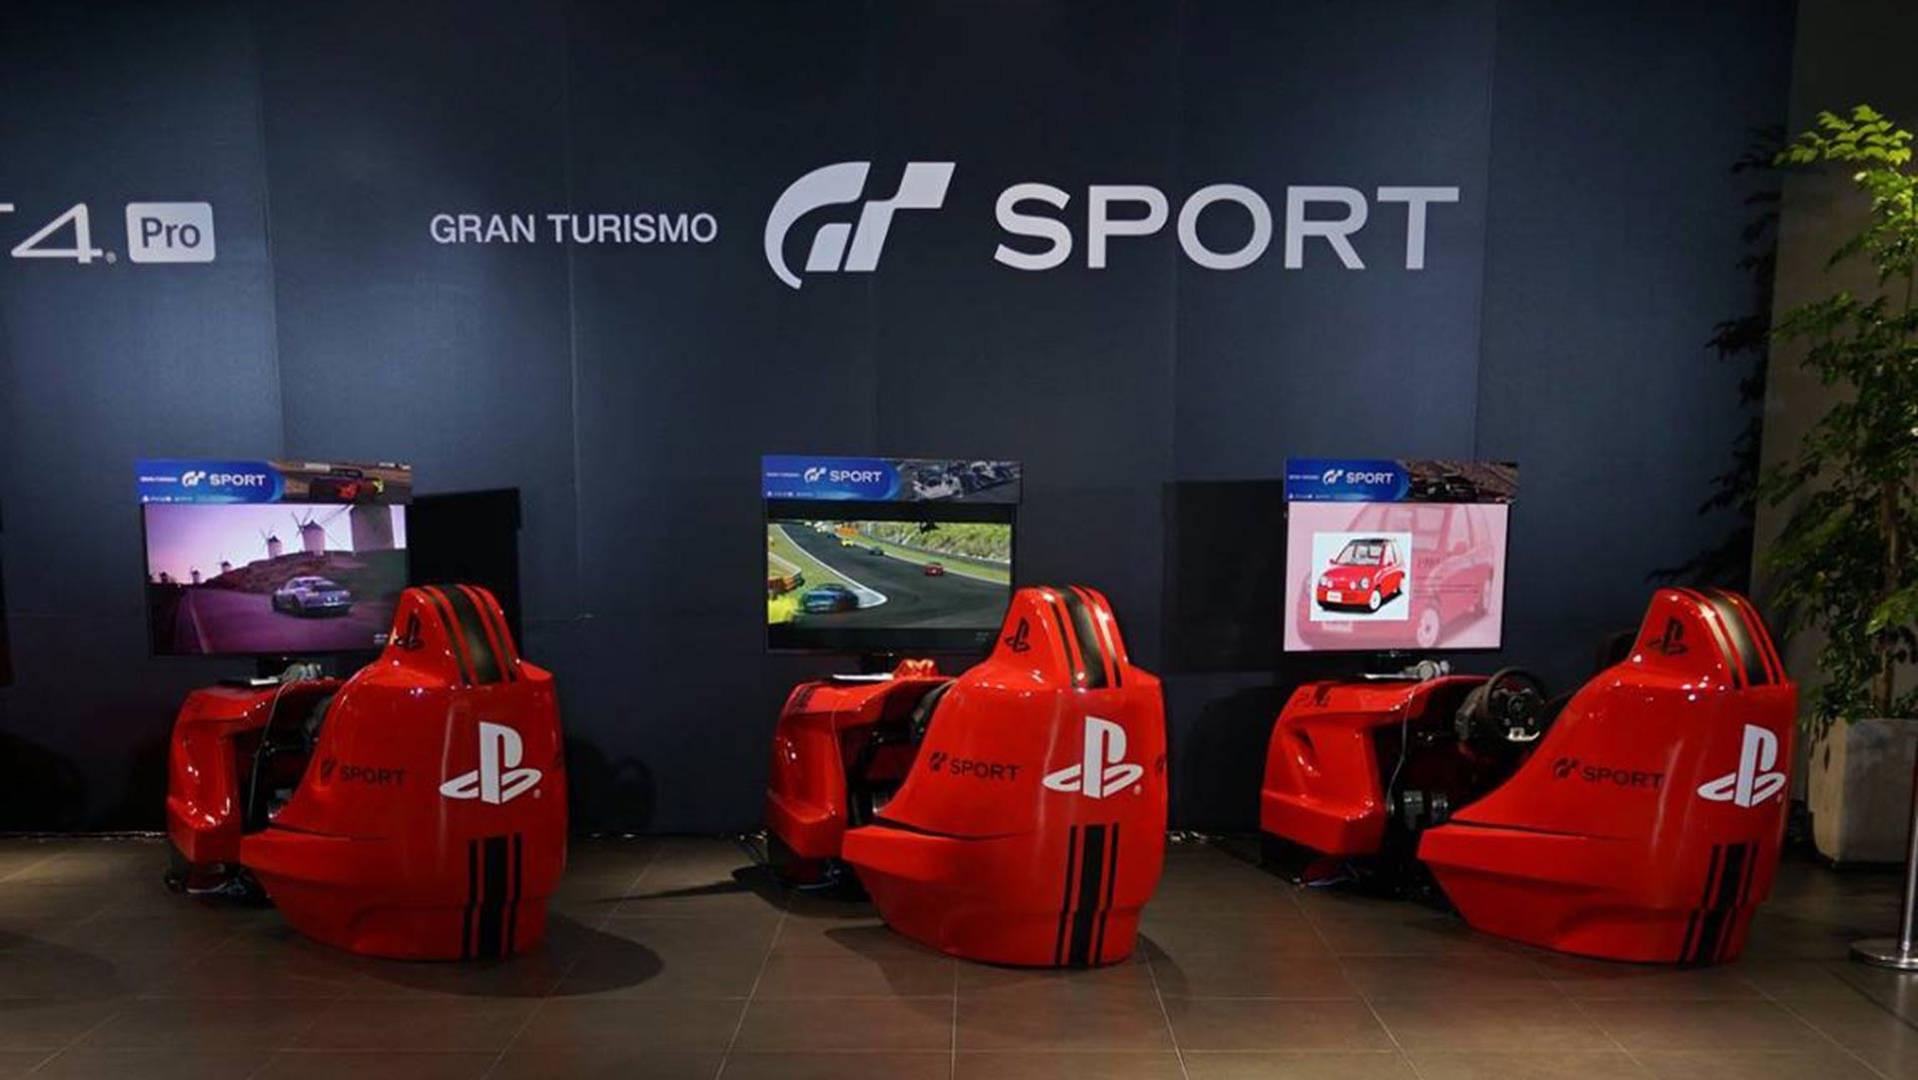 Gran_Turismo_Sport_Taiwan_Mazda_MX5_16